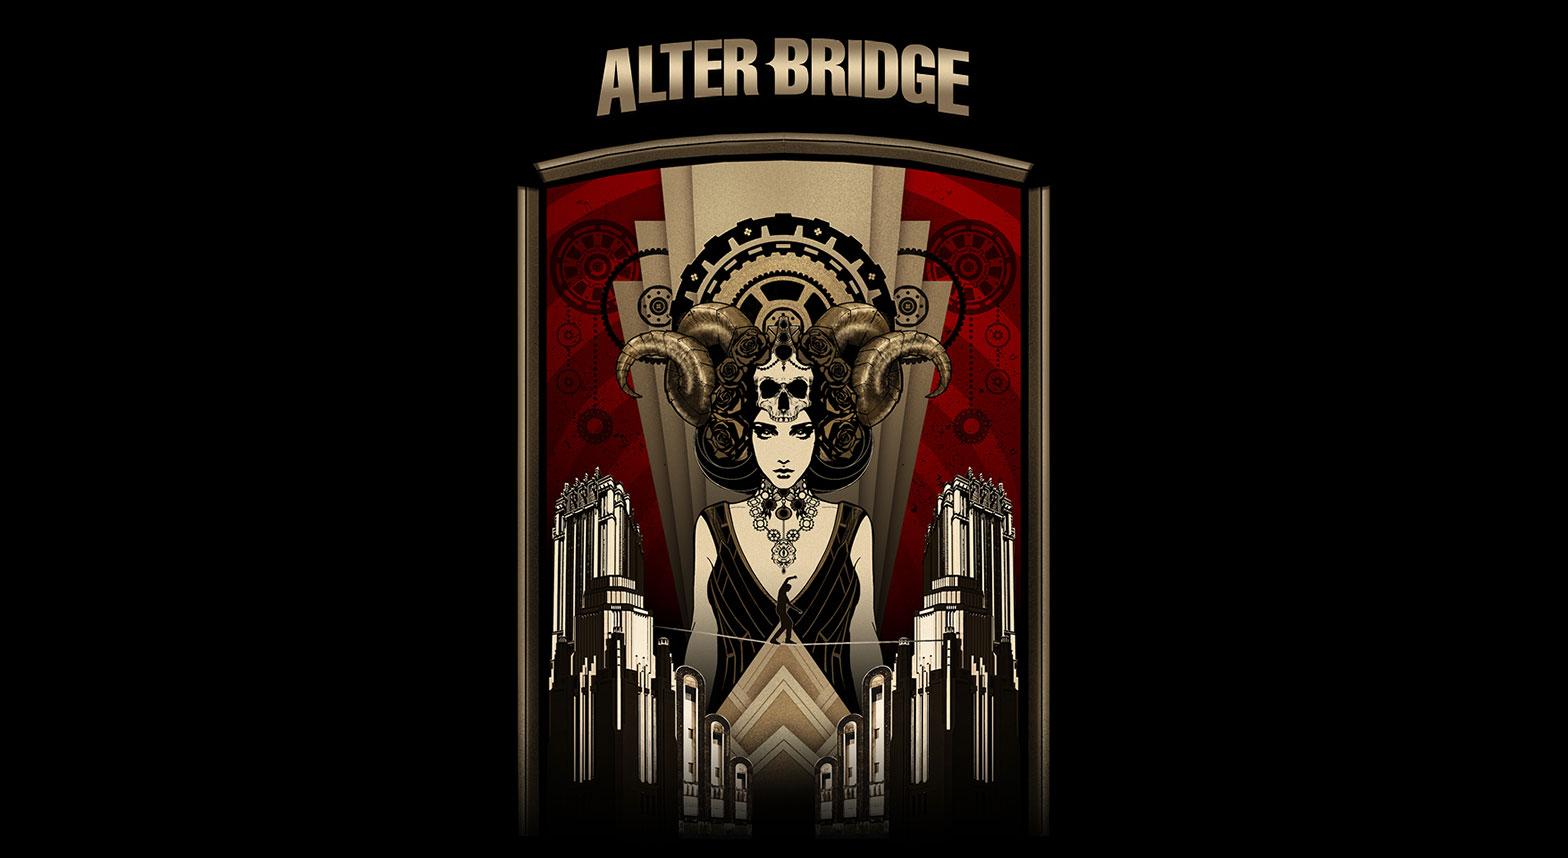 alter-bridge-arenas.jpg